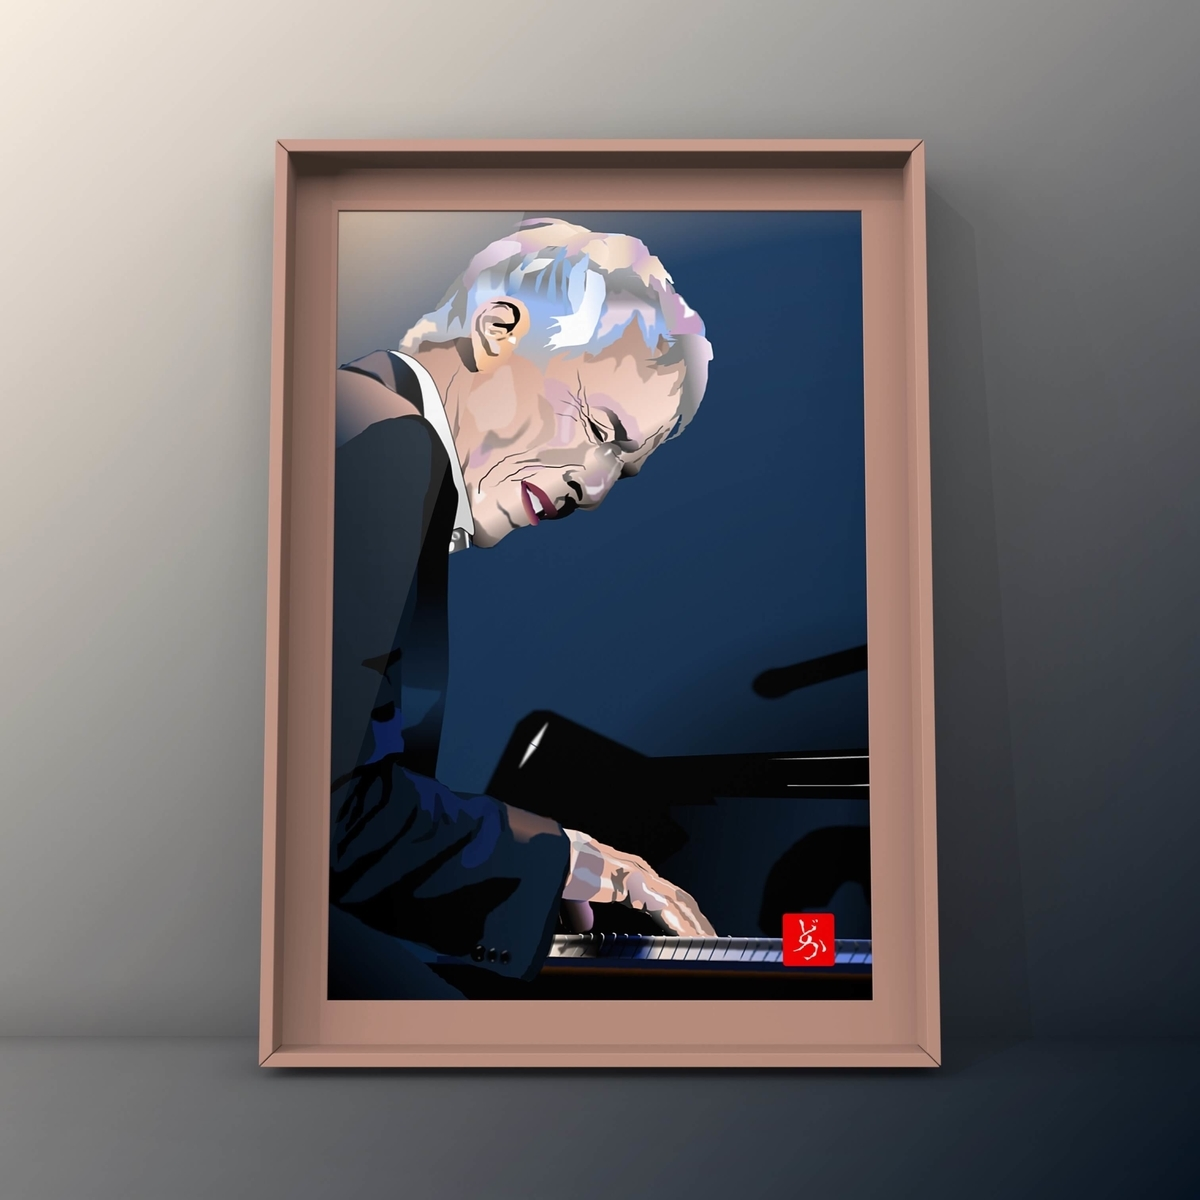 バート・バカラックのエクセル画イラスト額装版